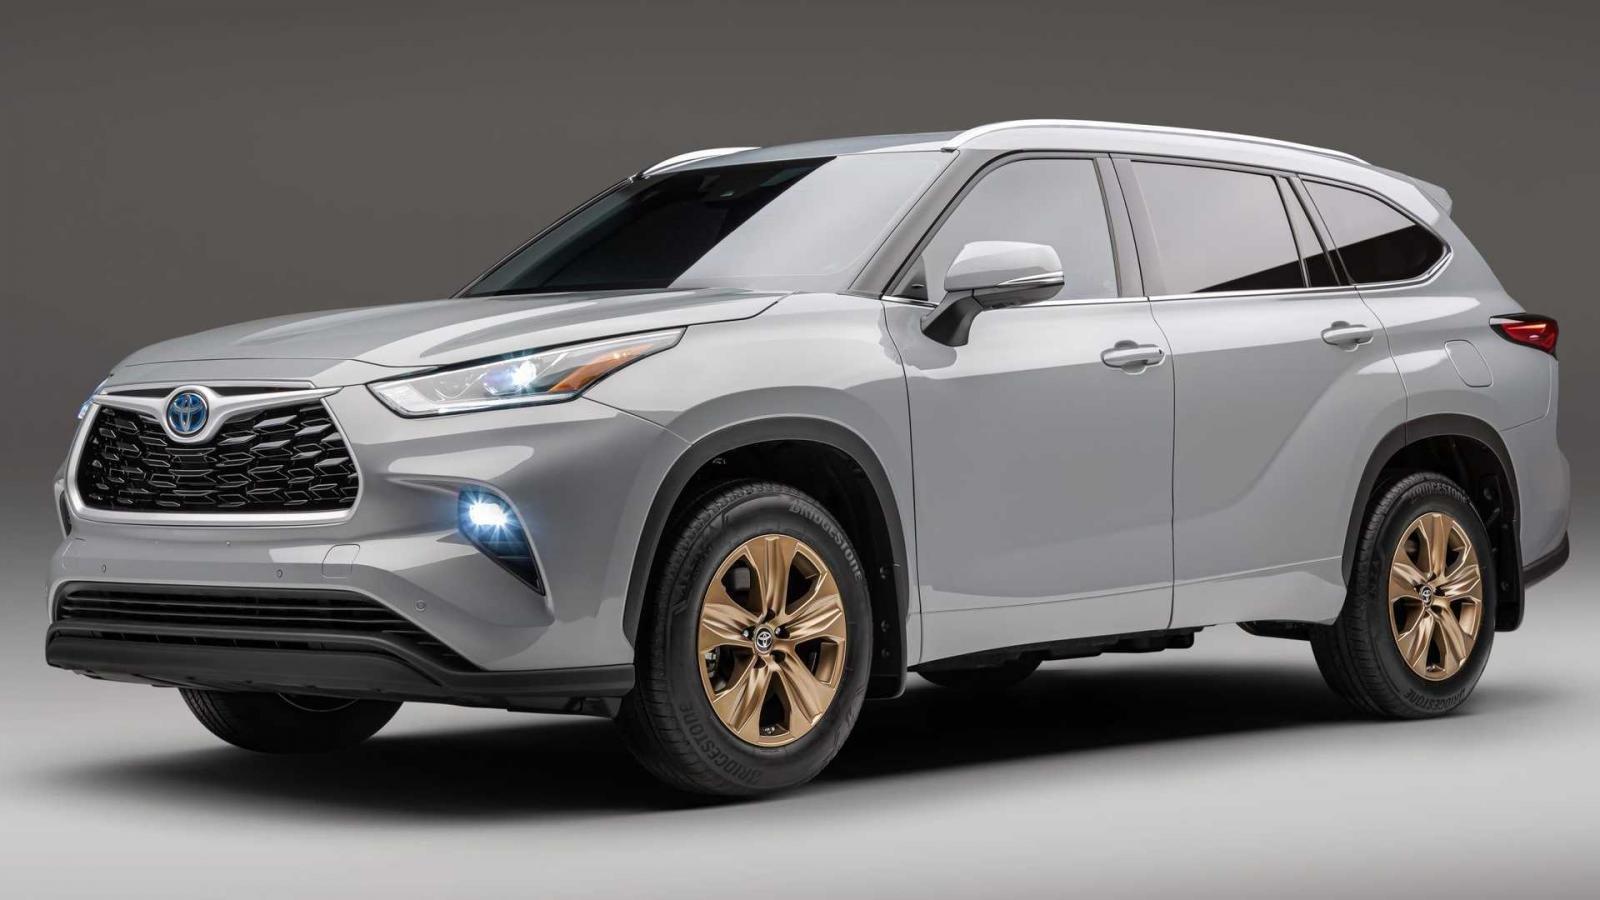 Toyota Highlander 2022 Bronze Edition bắt mắt với trang trí vàng đồng.